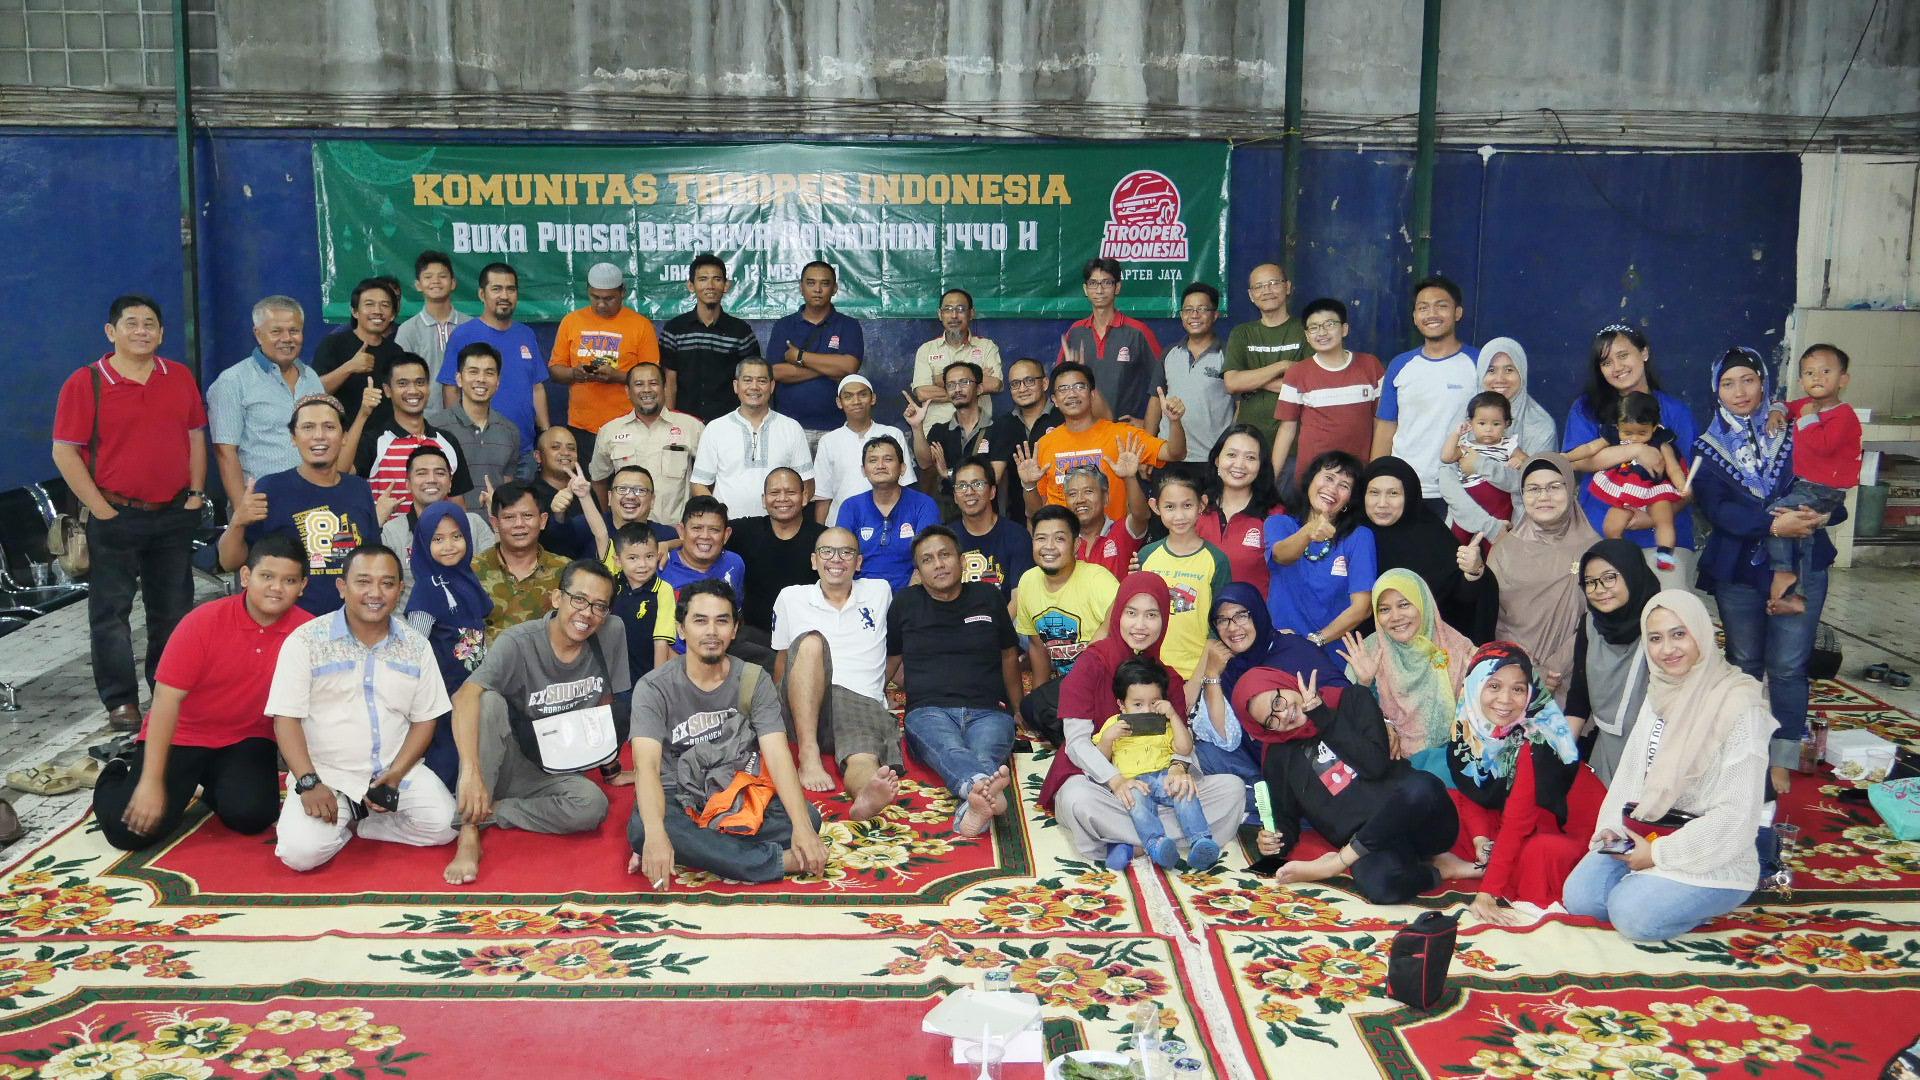 KTI Chapter Jaya Pilih Bukber Sambil Rencanakan Touring